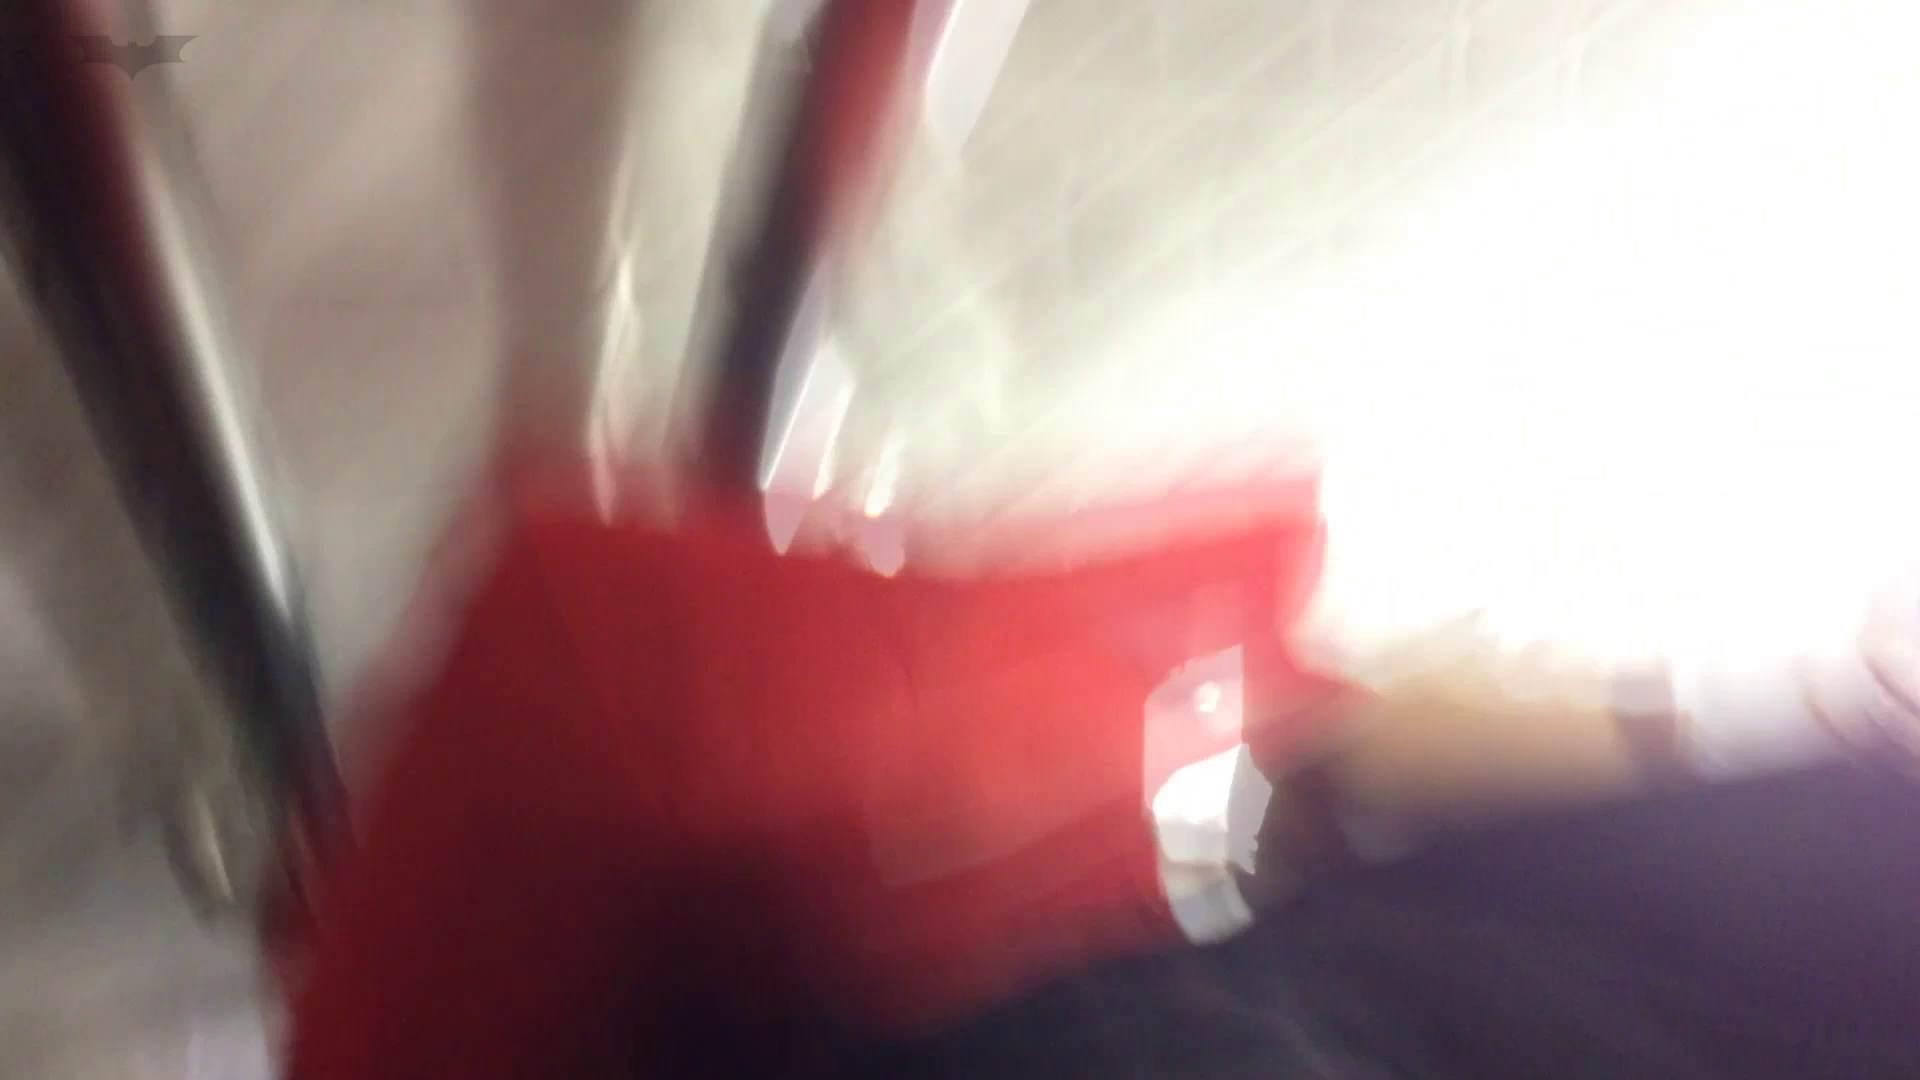 階段パンチラ Vol.08 盛合せ オマンコ無修正動画無料 90枚 33